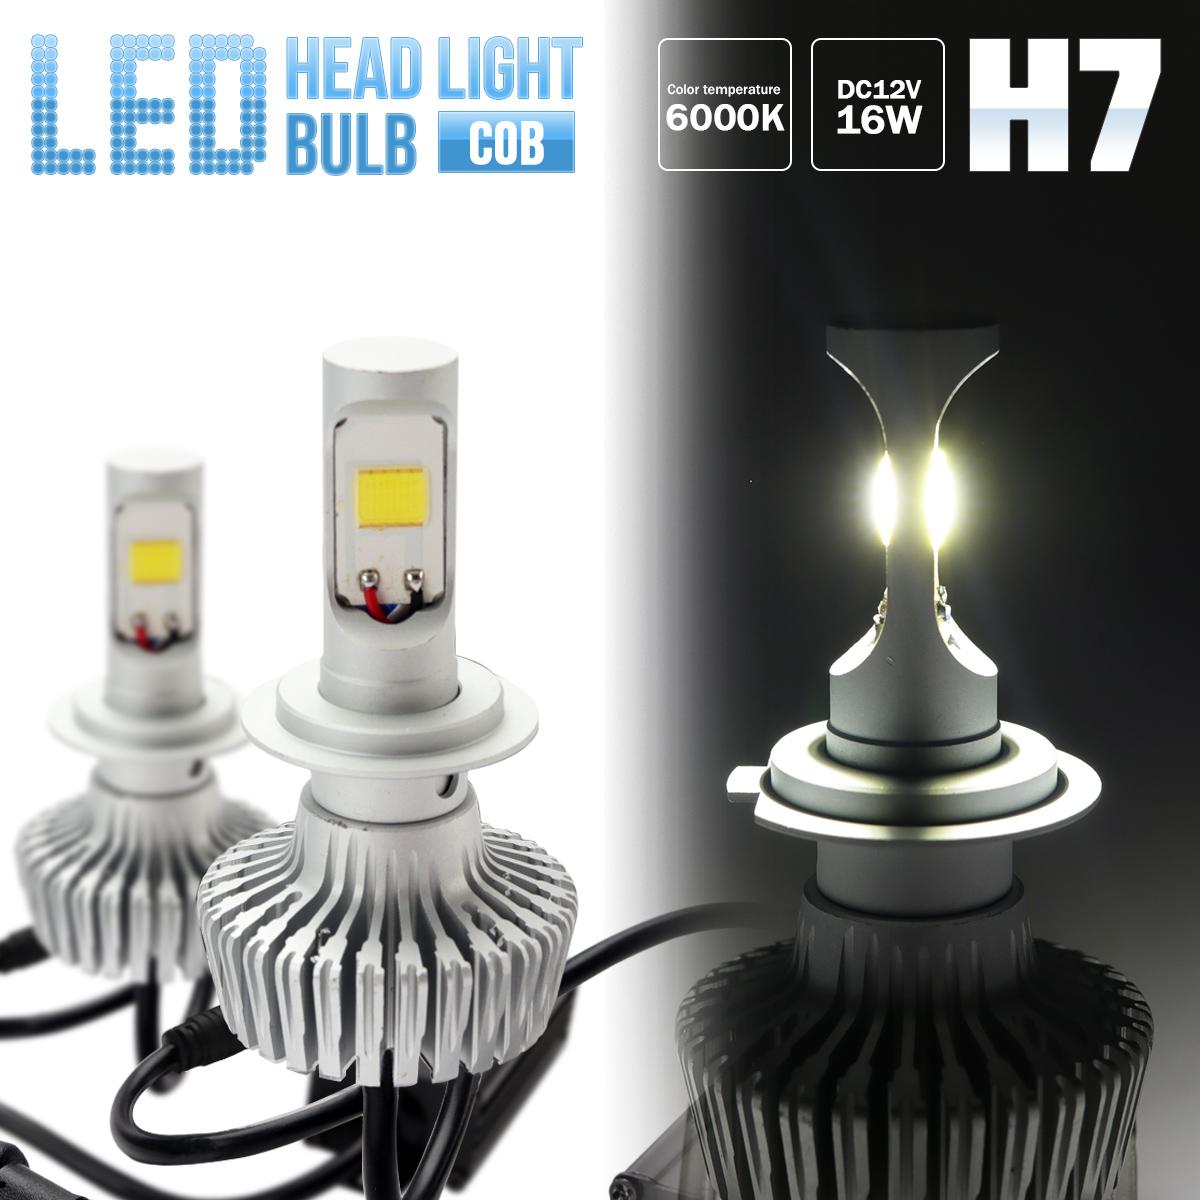 バイク用 COB LED ヘッドライト H7 ホワイト発光 6000K 12V LEDバルブ 2個セット H-88